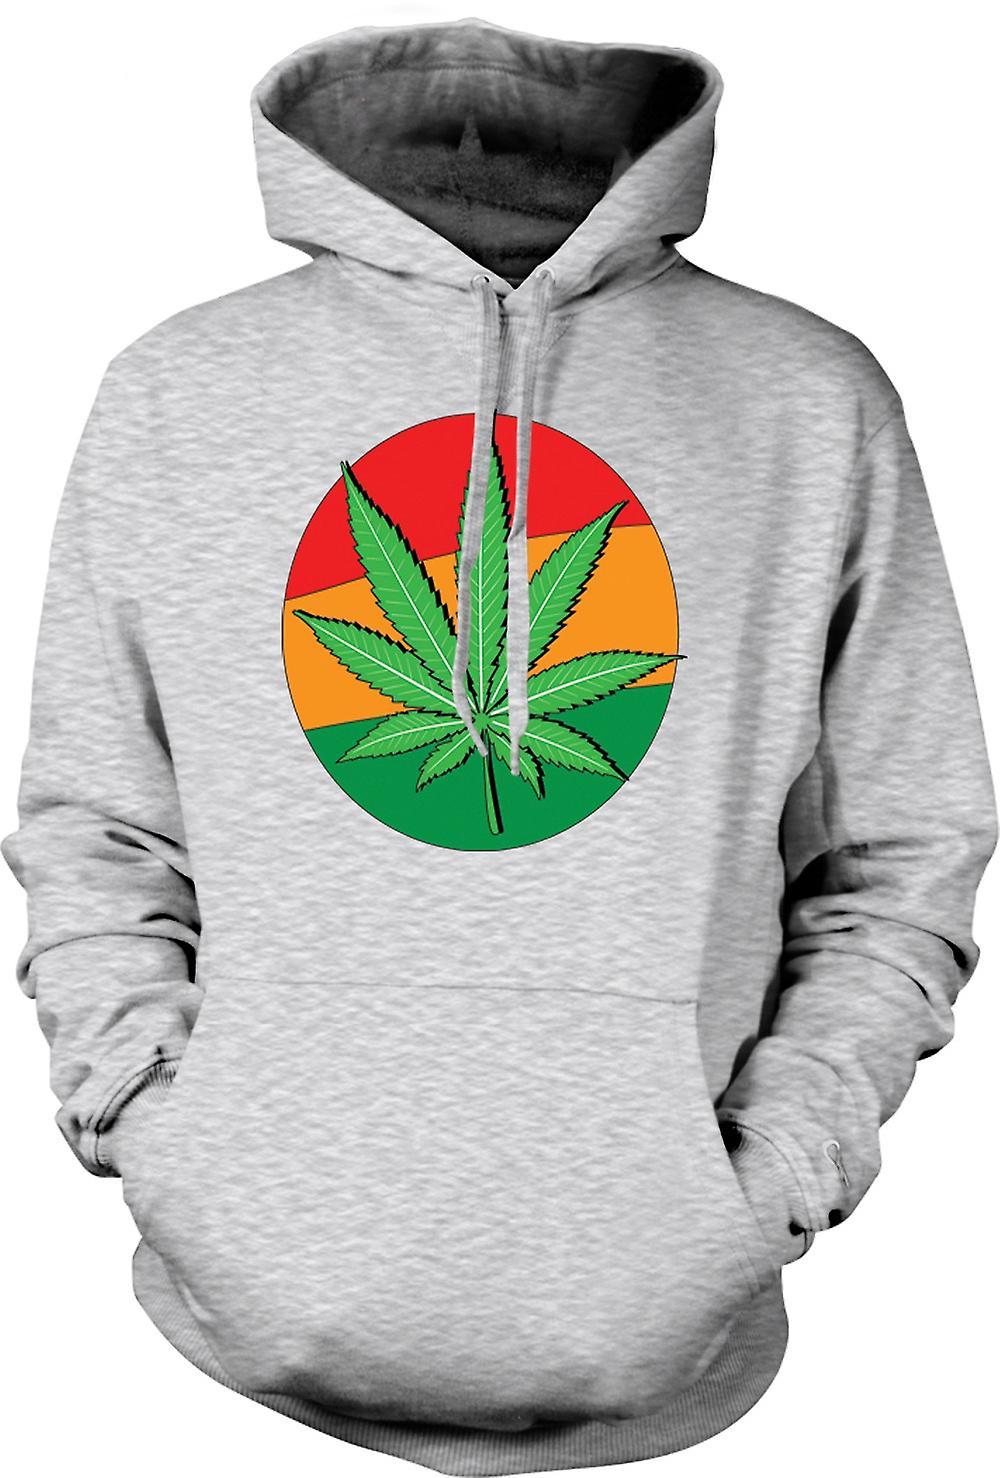 Mens Hoodie - Hash Leaf Jamaica Flag - Cool